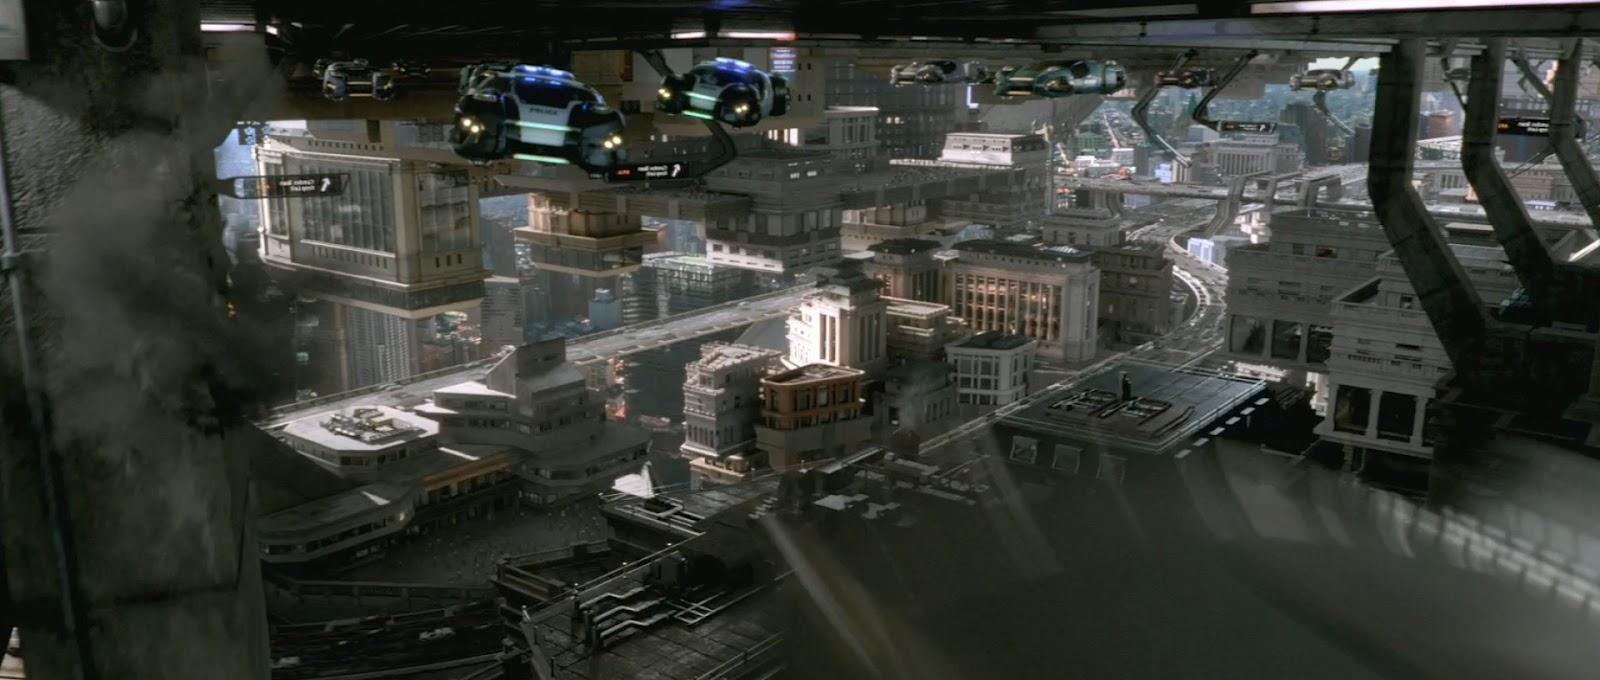 Un fotograma de Total Recall mostrando una panorámica de ciudad.